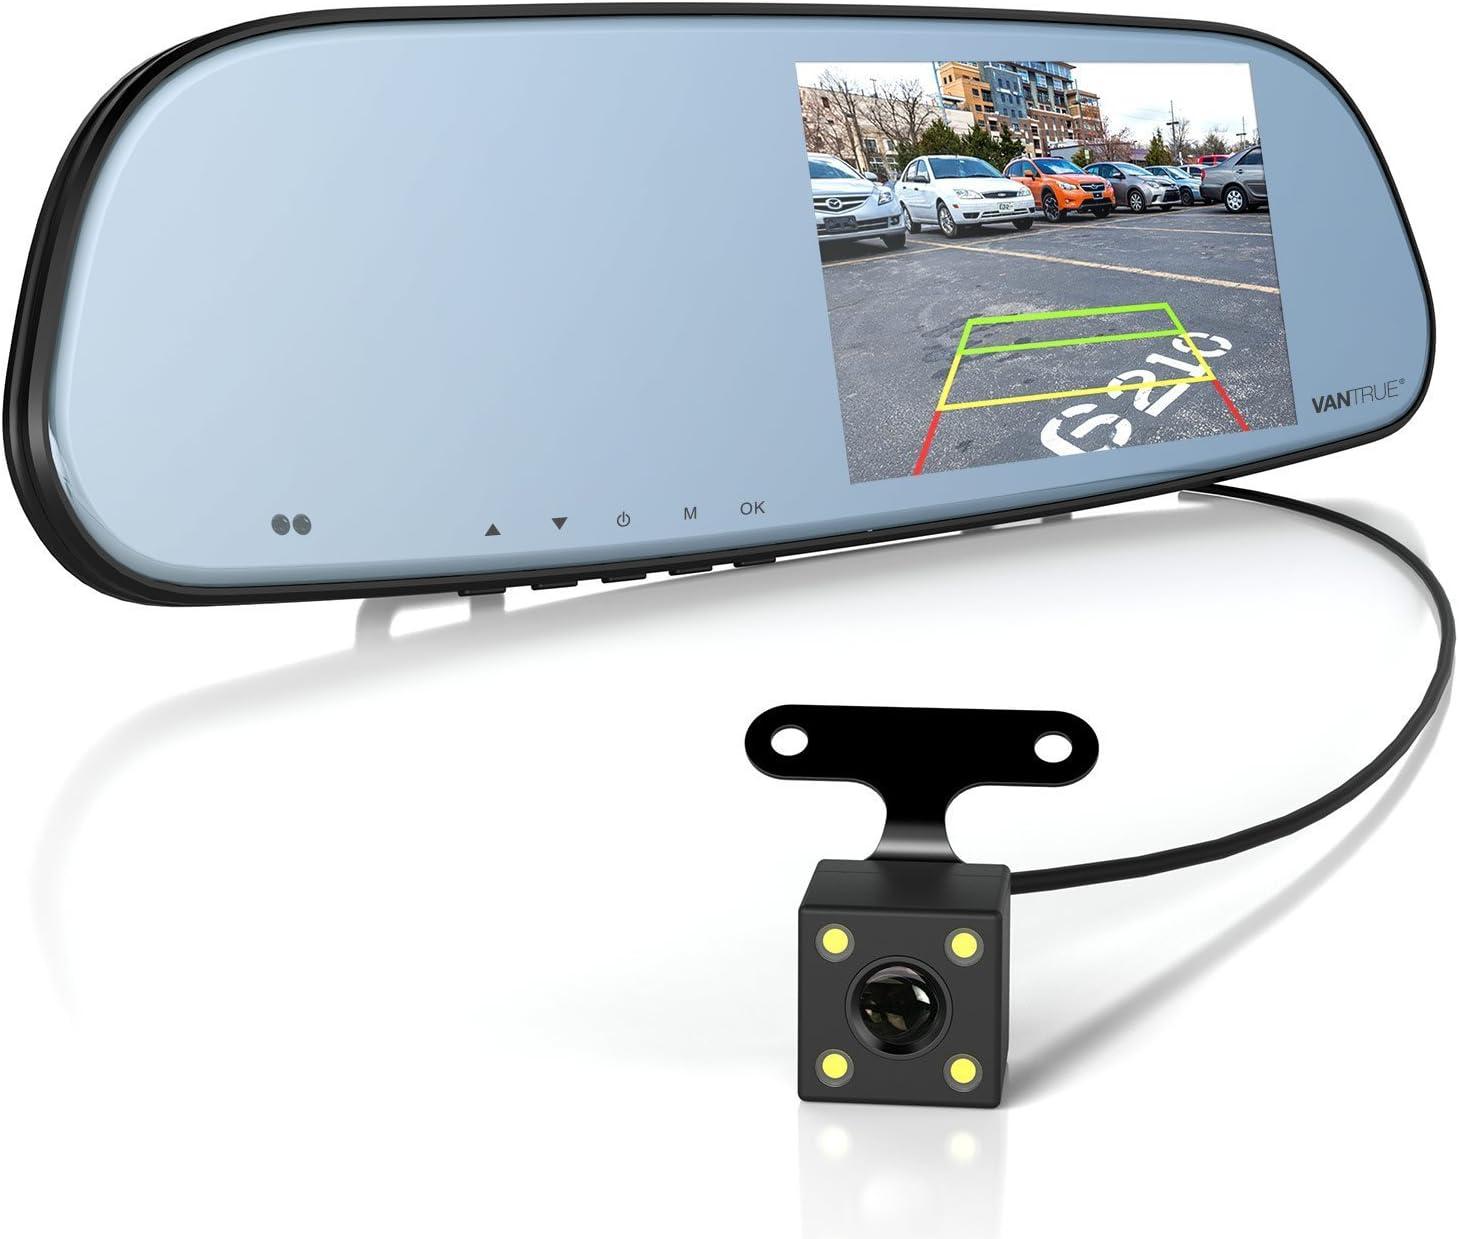 Vantrue N3 Fhd 1080p Rear View Mirror Dash Cam Car Elektronik